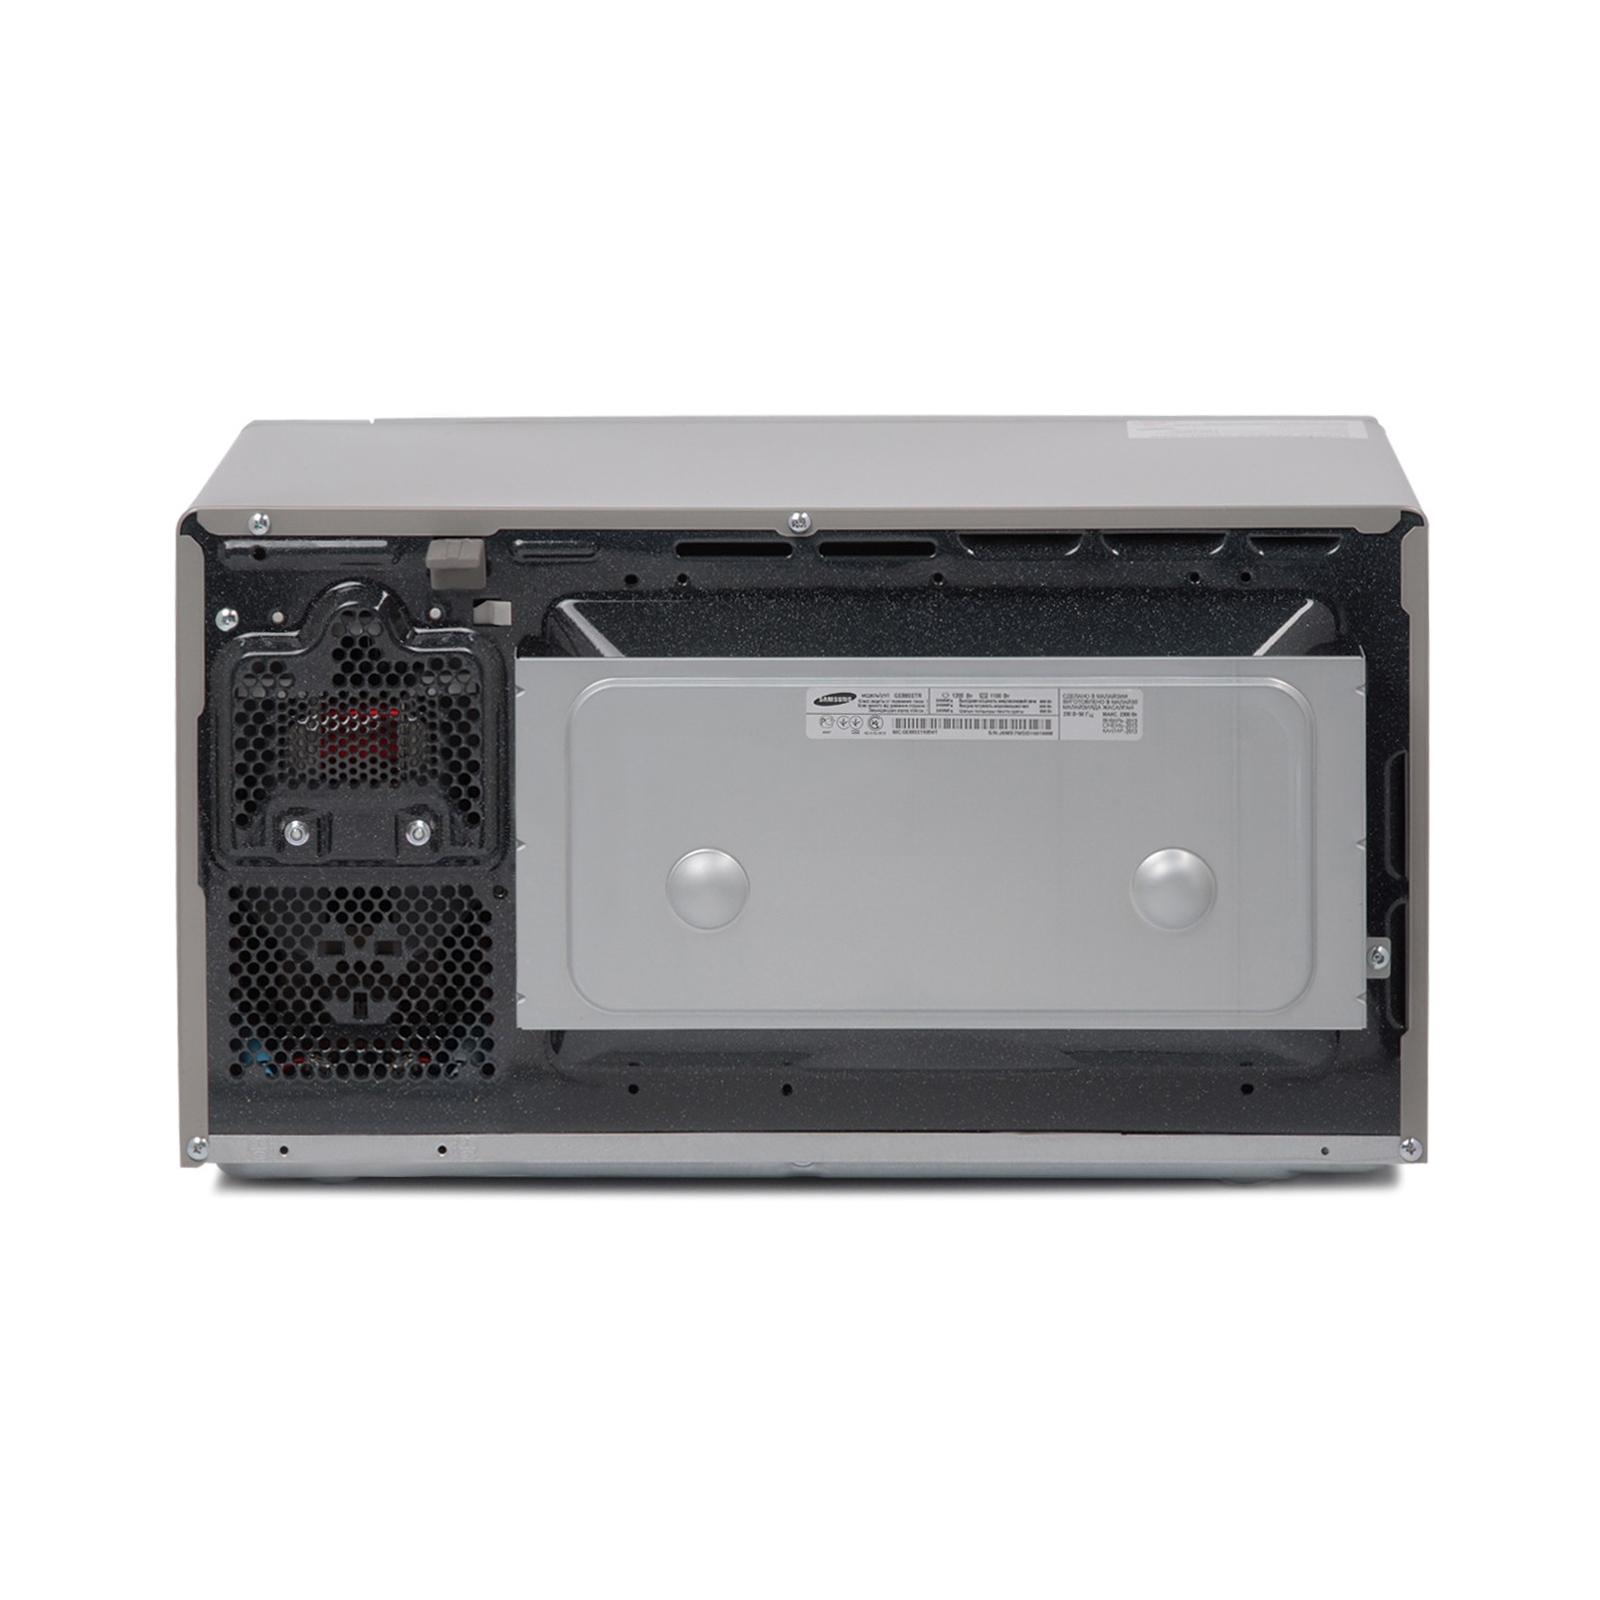 Микроволновая печь Samsung GE 88 SSTR/BWT (GE88SSTR/BWT) изображение 5